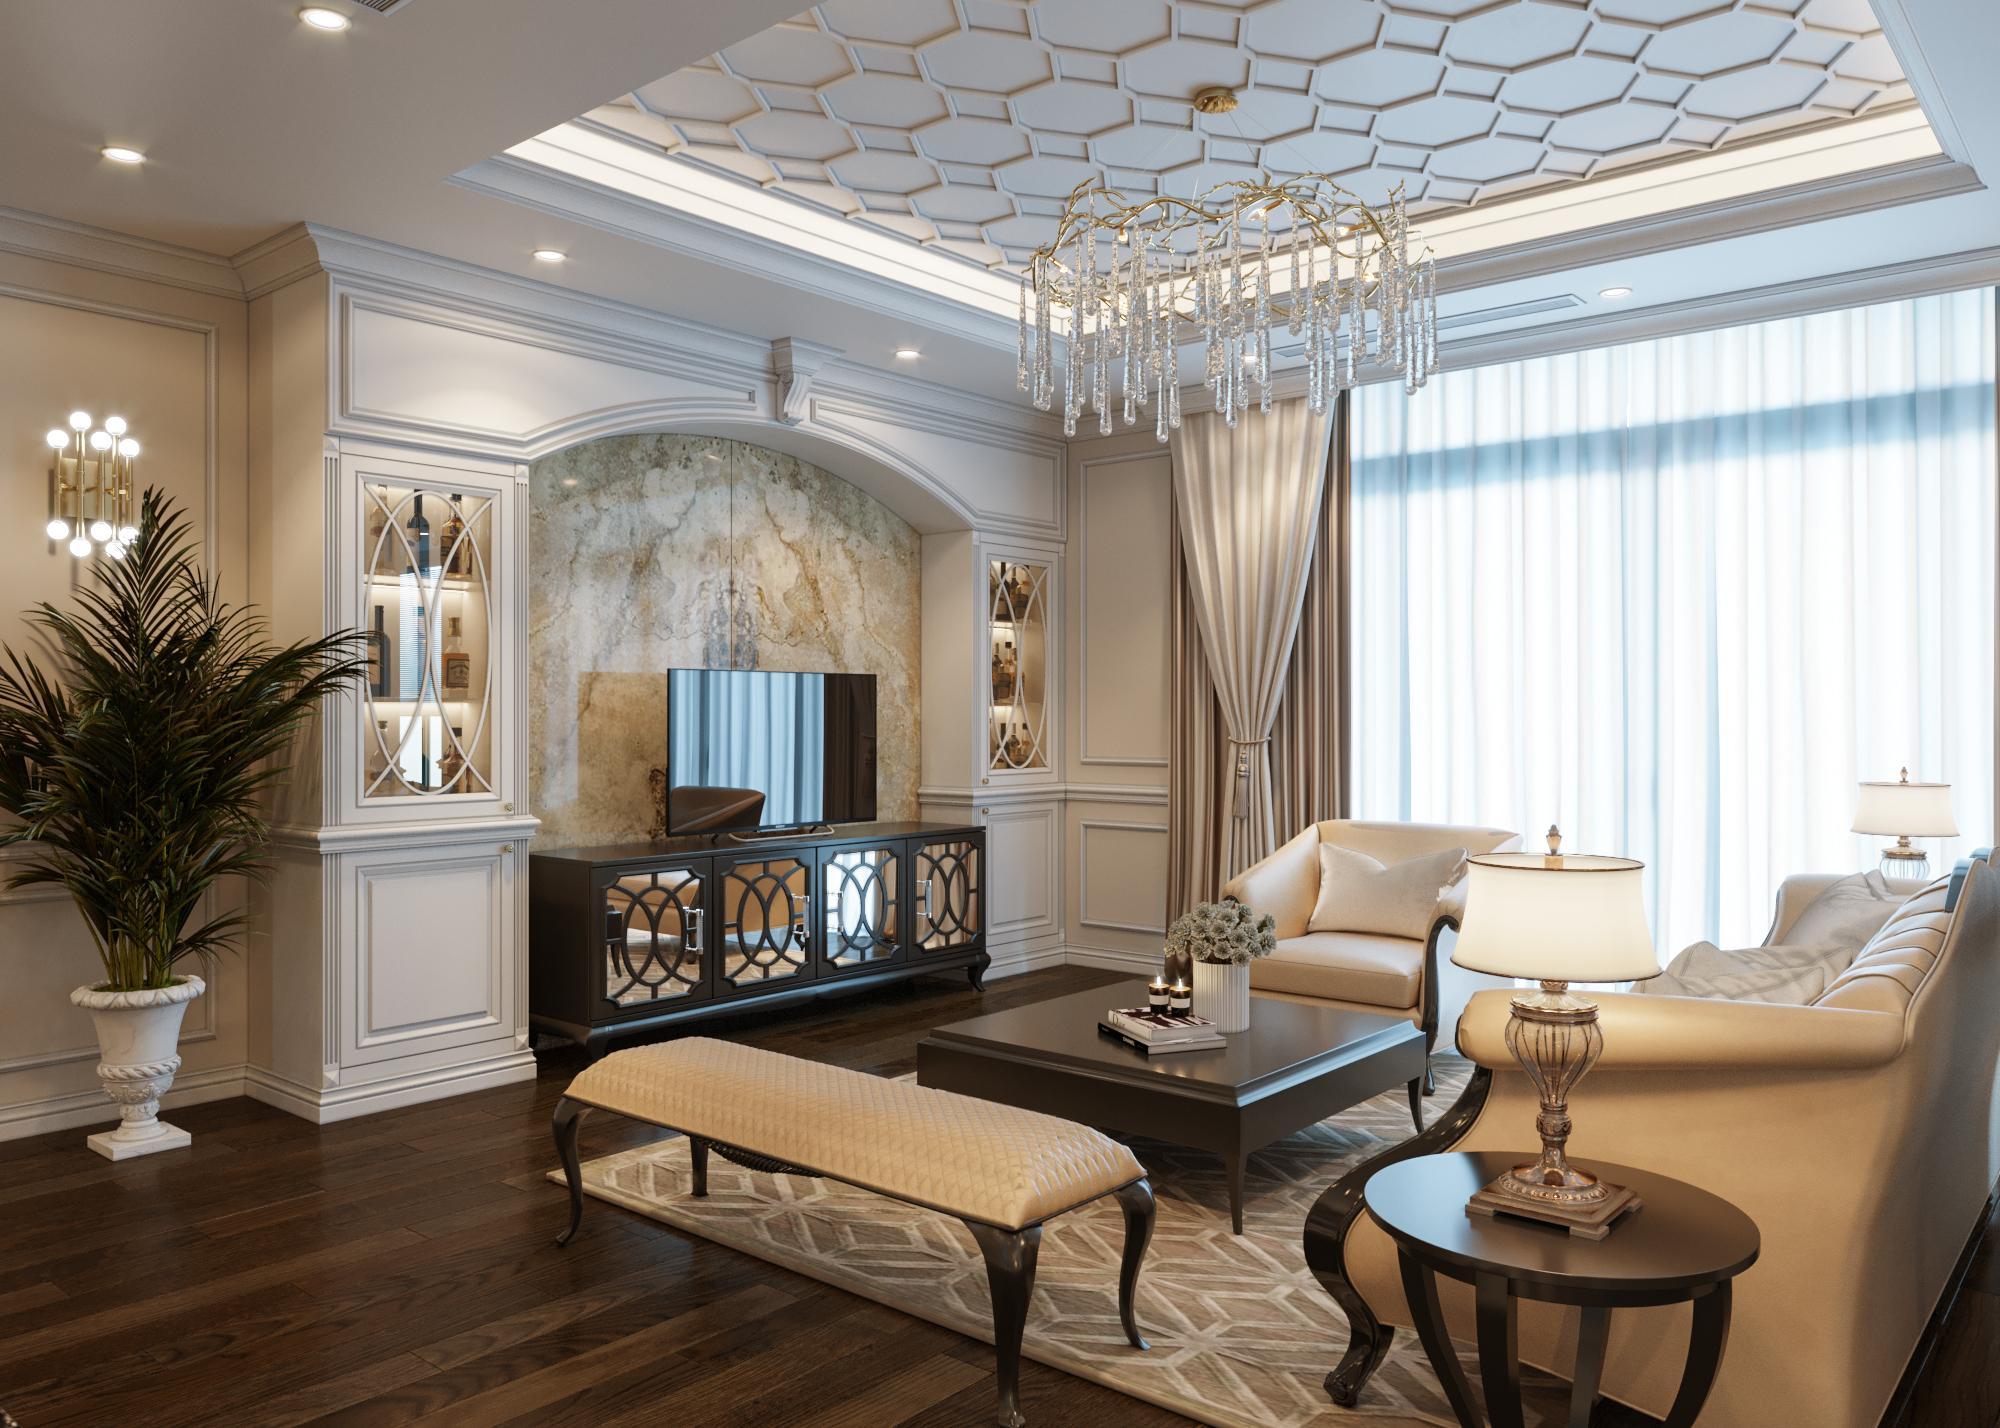 Thiết kế nội thất chung cư Sun Grand City:  Đẳng cấp phong cách tân cổ điển